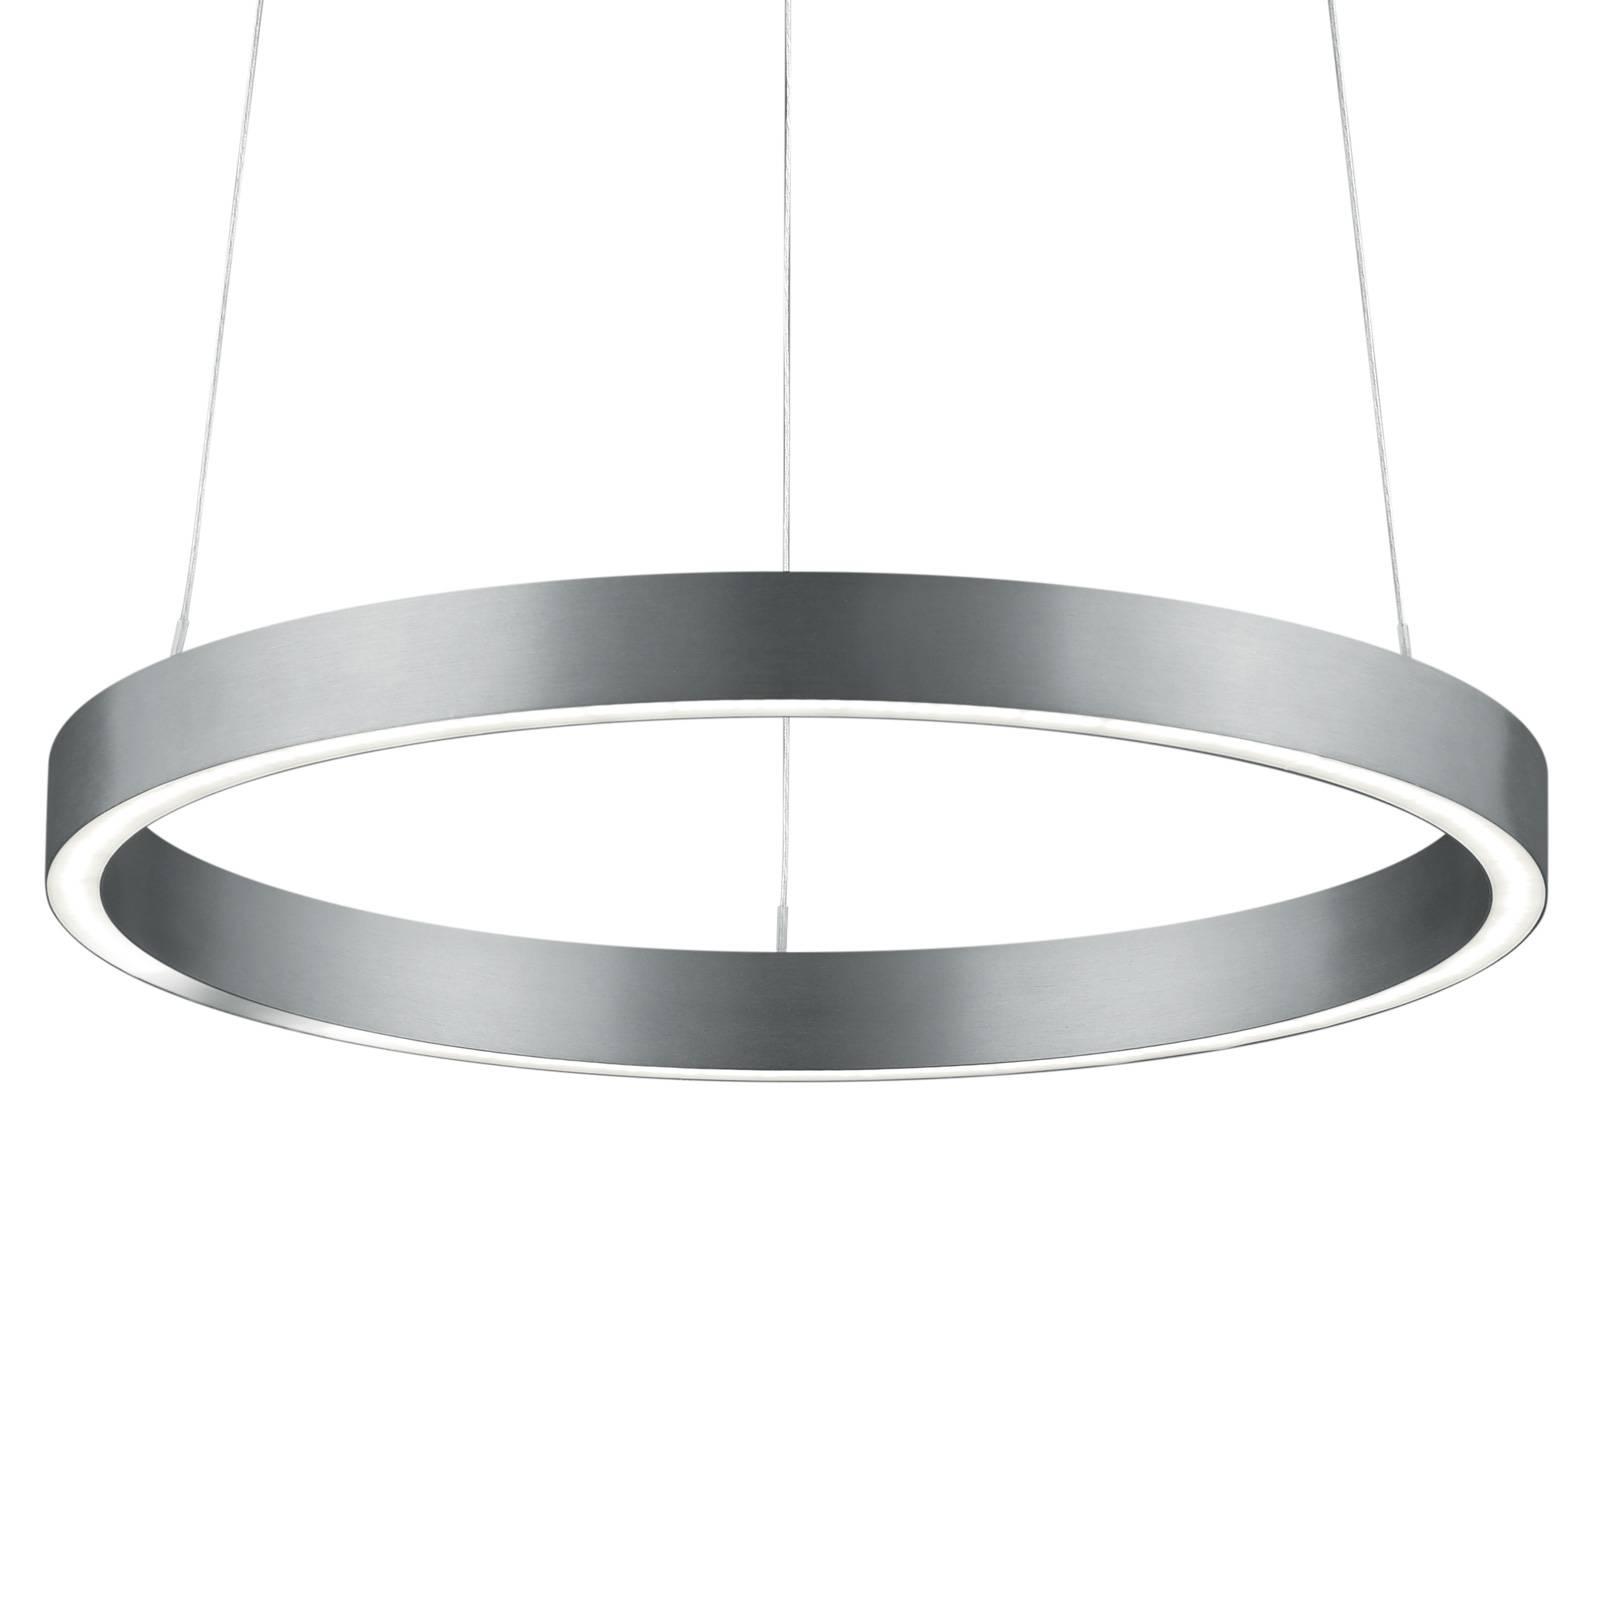 Lampa wisząca LED Svea-40 sterowana gestami nikiel